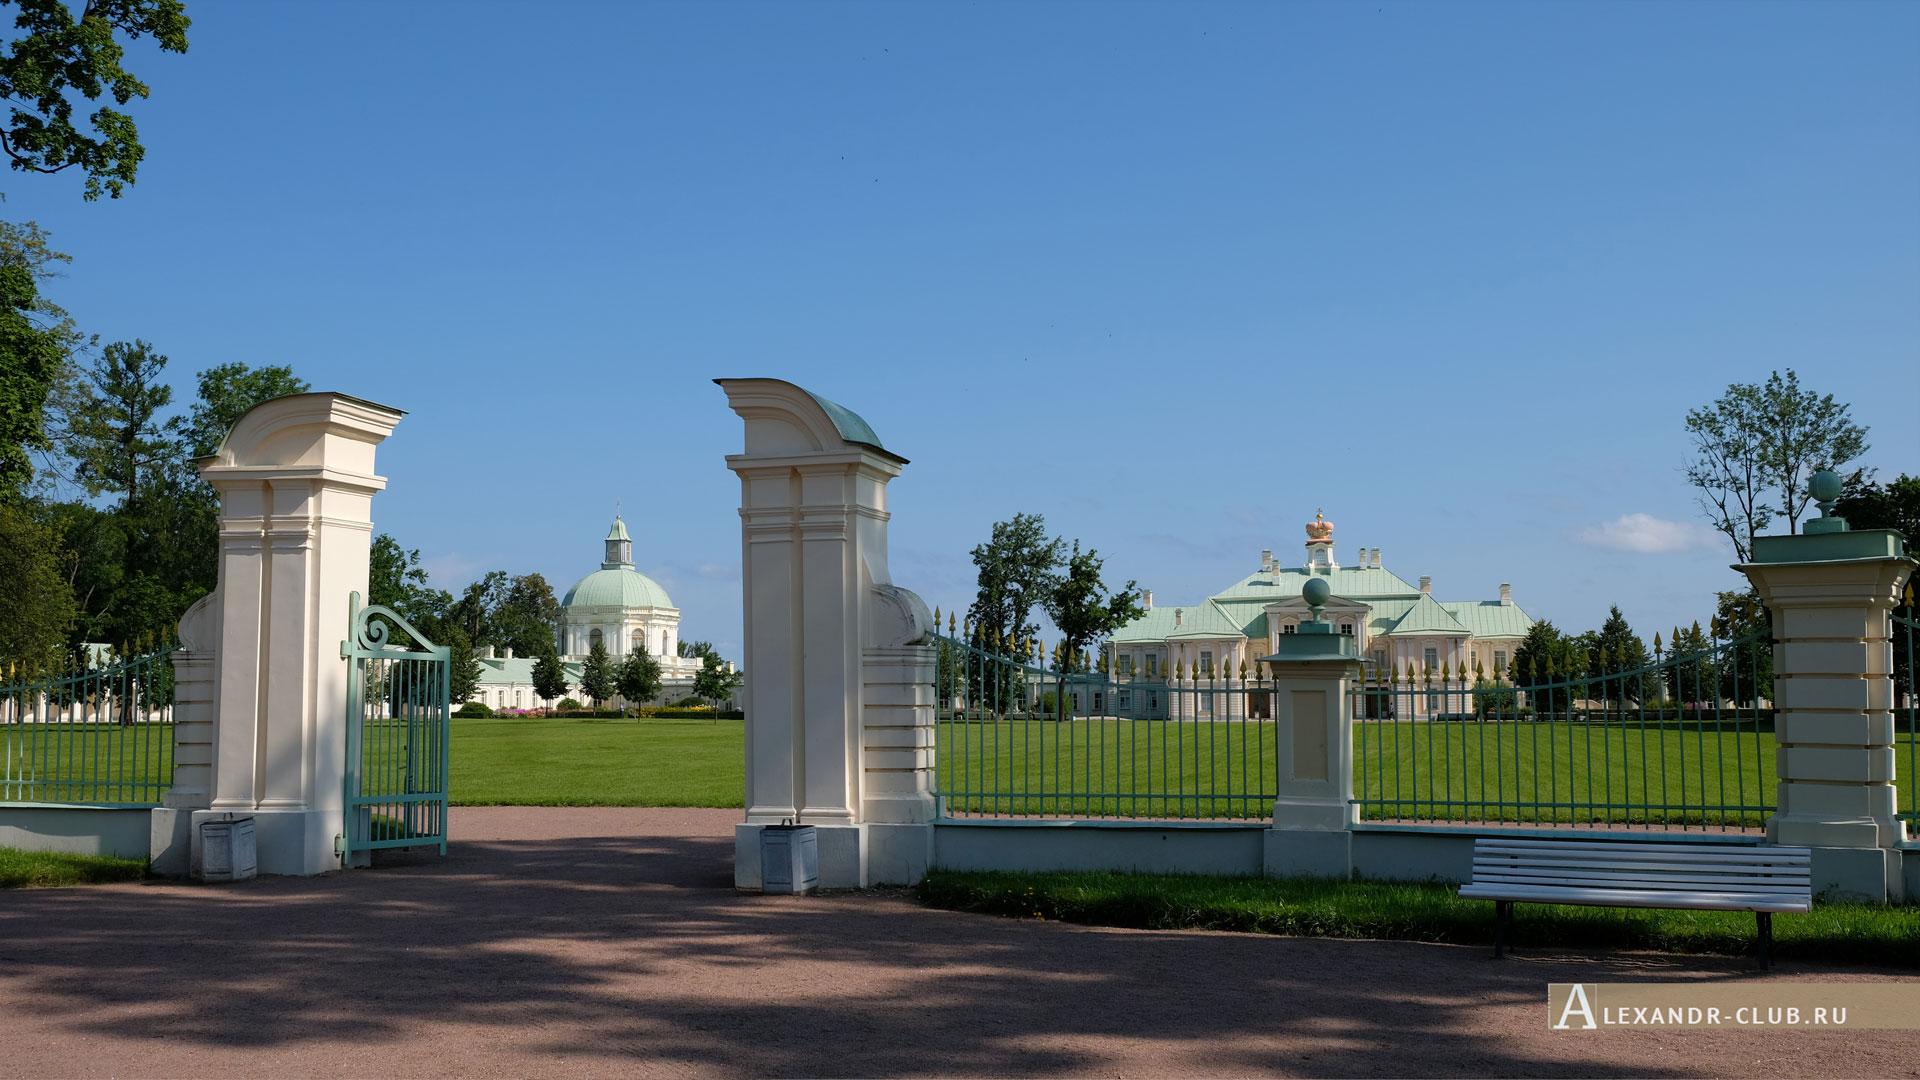 Ораниенбаум, лето, Большой Меншиковский дворец, двор